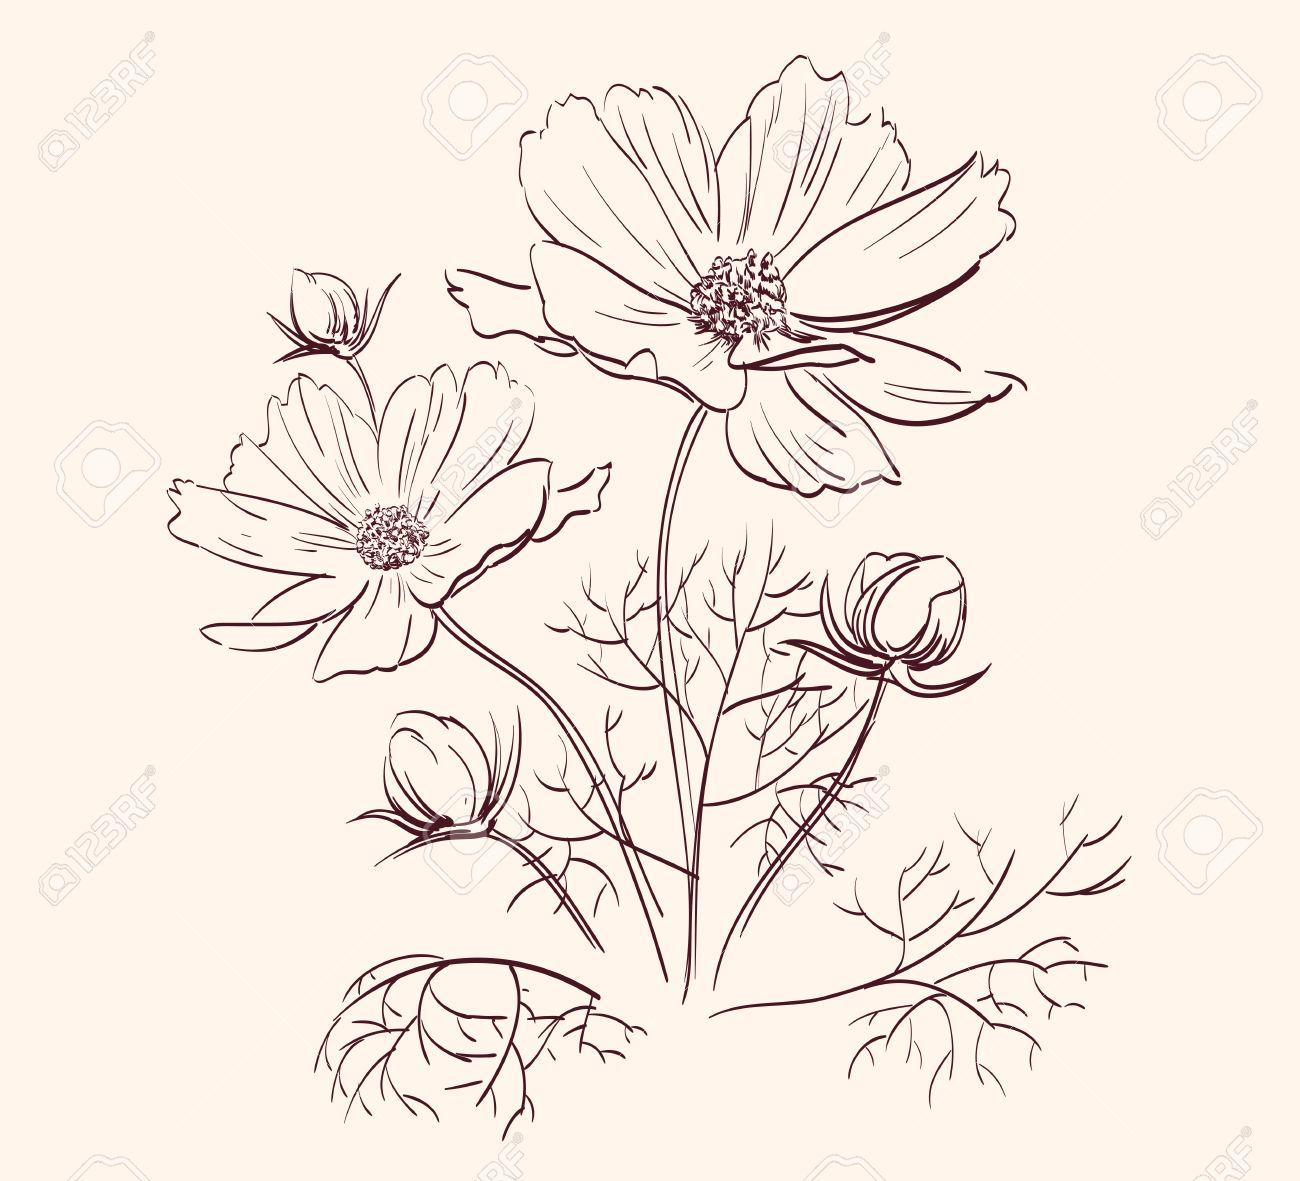 Flower garden sketch - Beautiful Garden Flower Sketch Stock Ilration 248500798